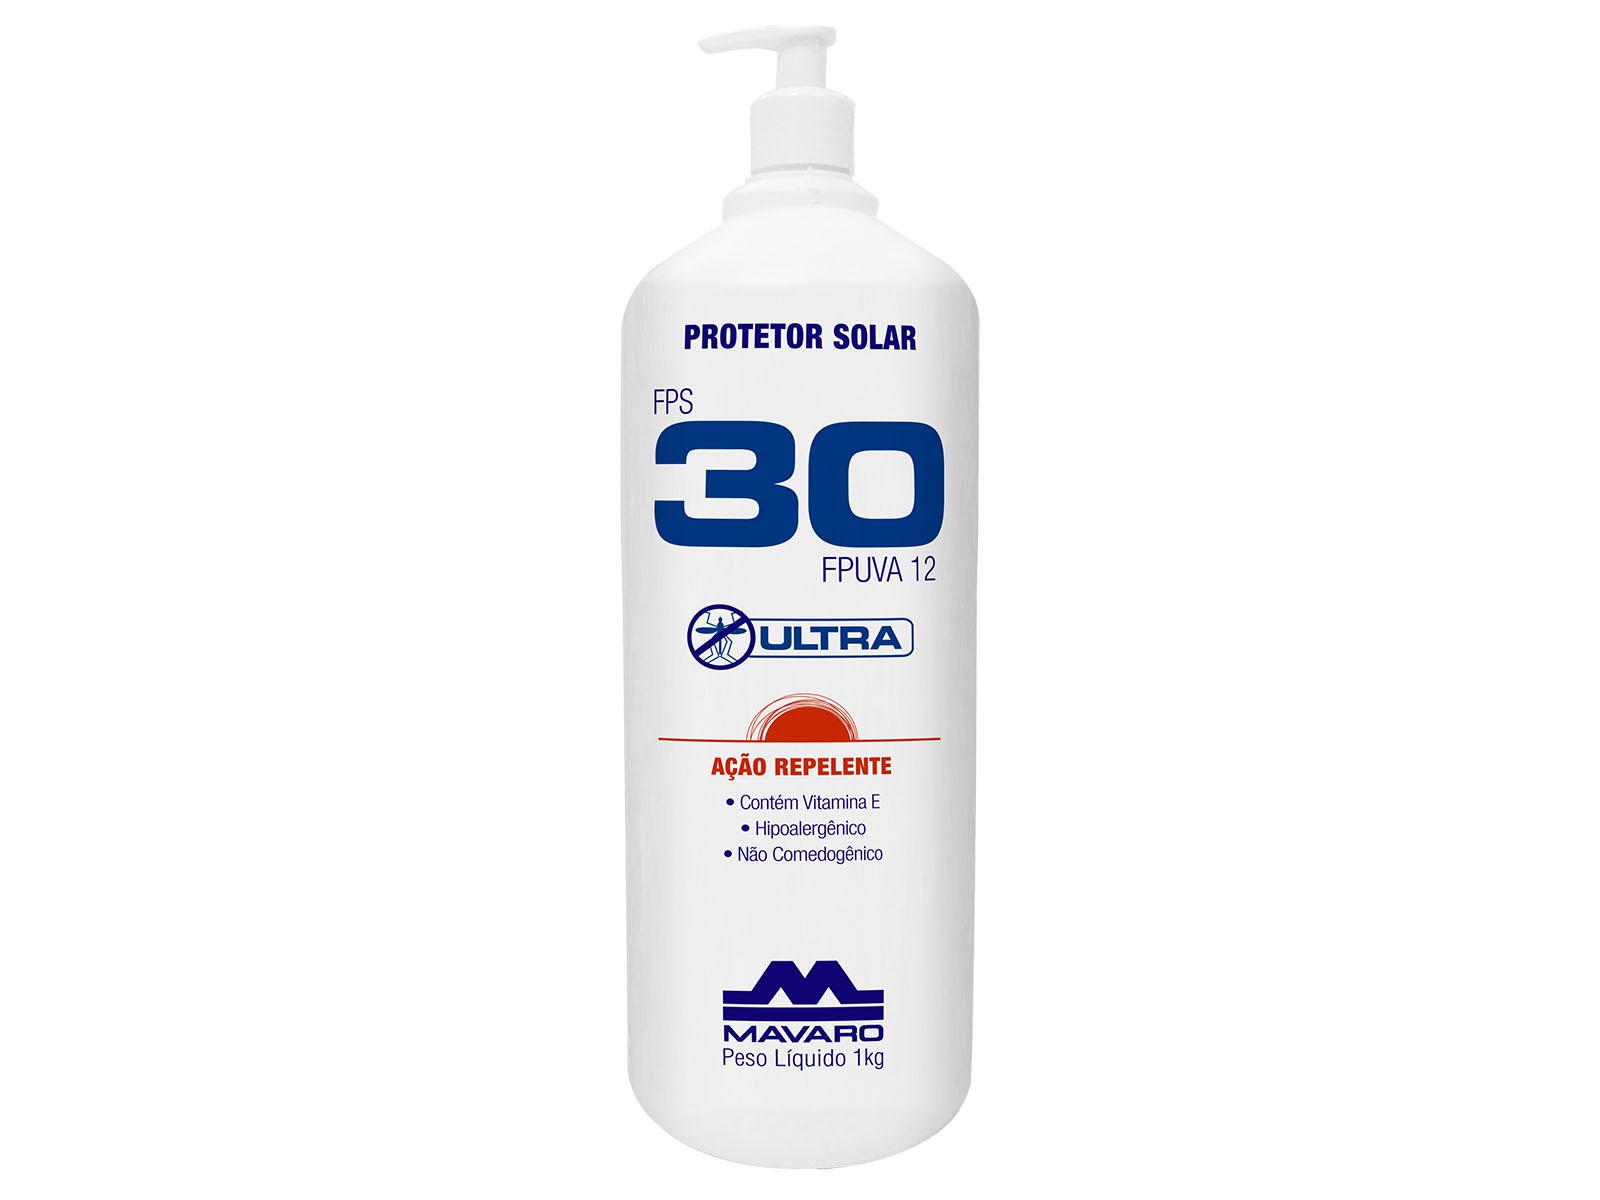 Protetor Solar com Repelente FPS 30 ULTRA é um protetor solar FPS 30 eficaz contra a ação nociva das radiações UVA e UVB.